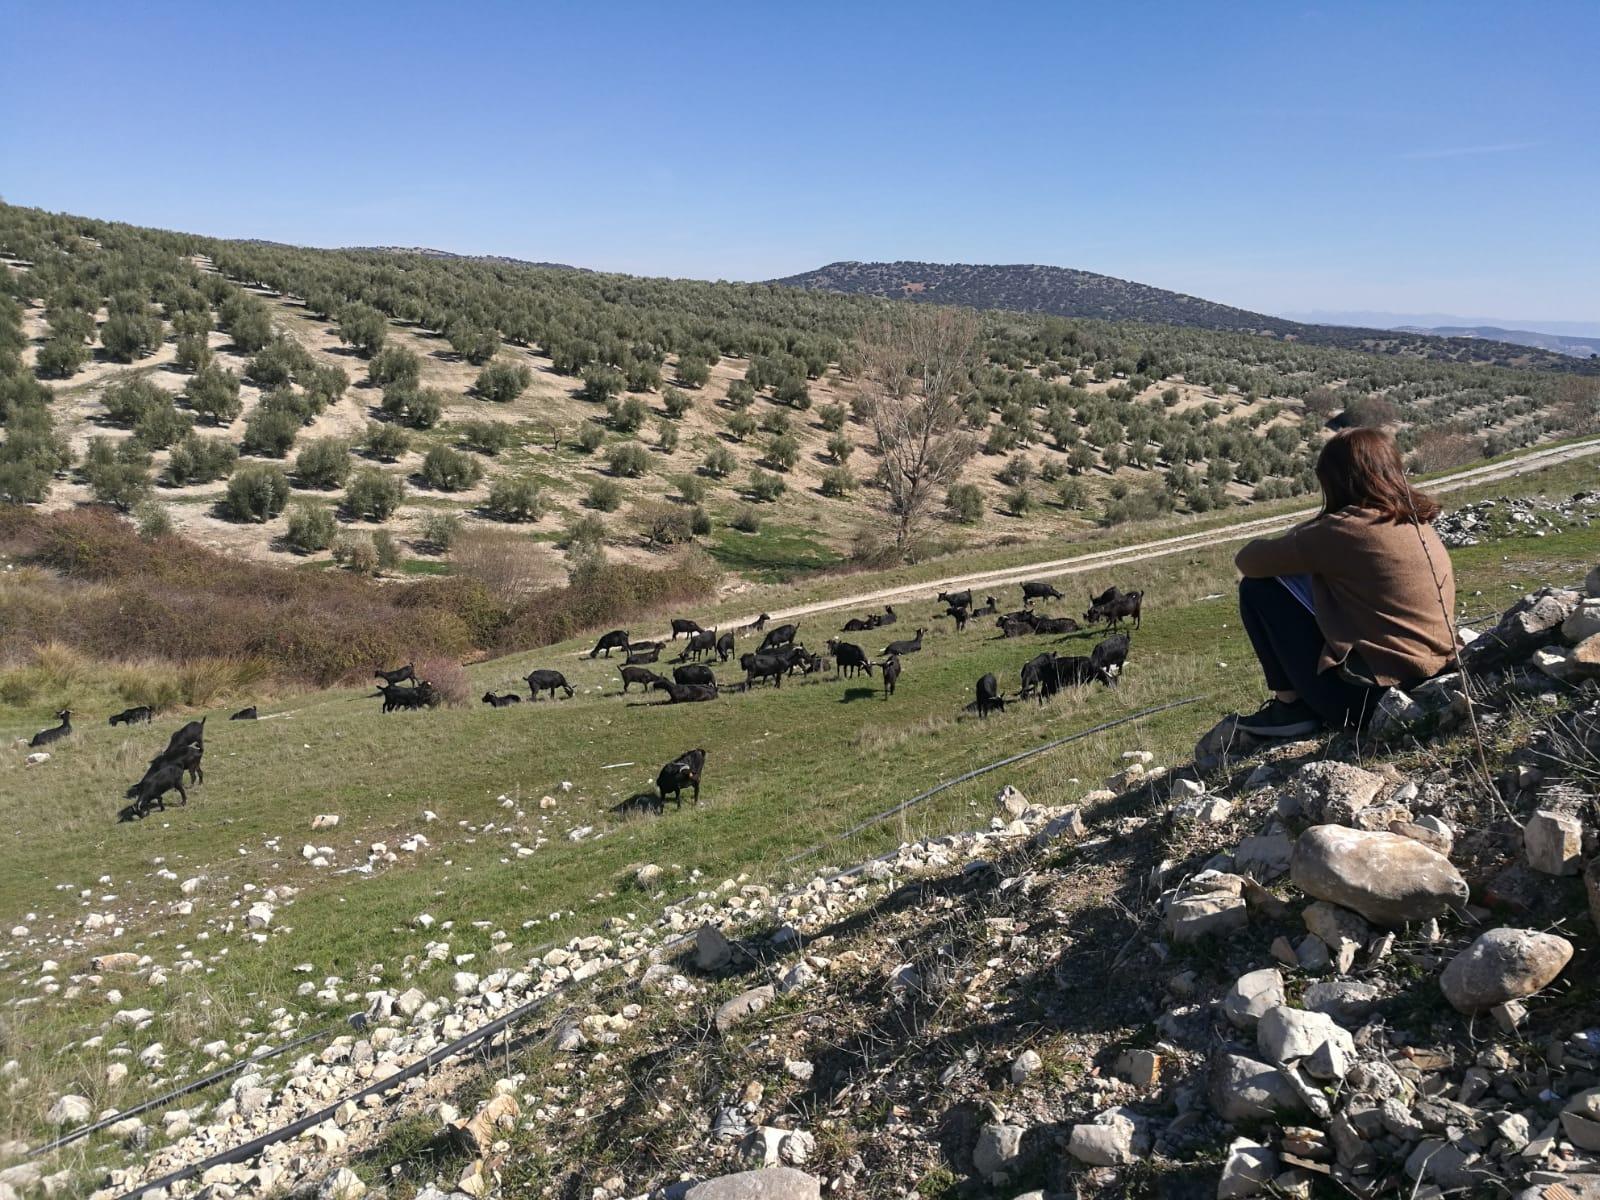 Karanténban Spanyolországban, avagy Covidám trashreality